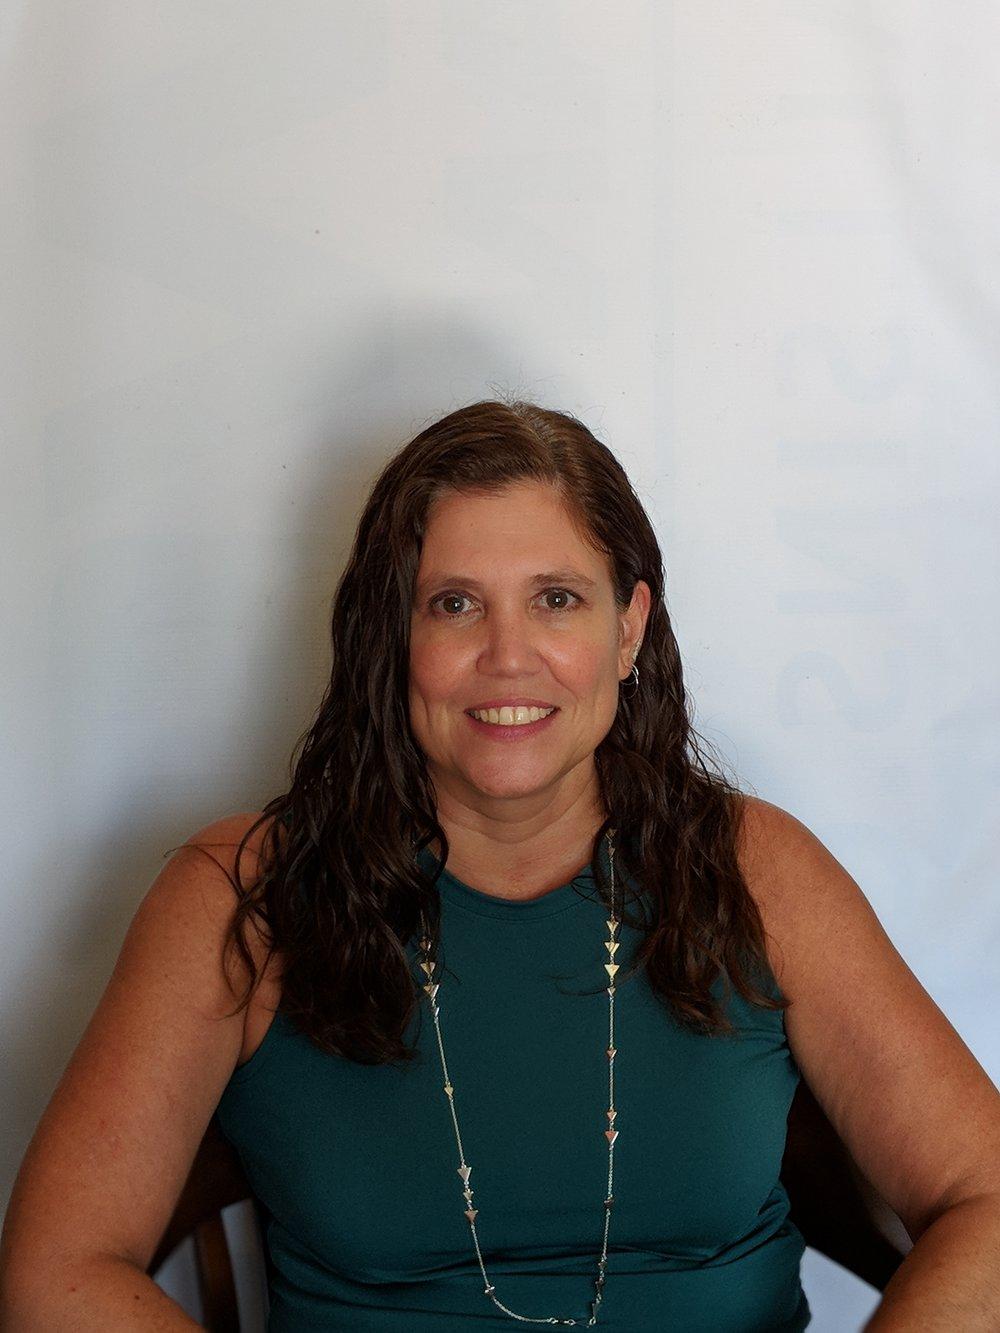 Laura Sweigart  Commercial Lines Agent  757-357-4456 Ext. 21   lsweigart@wallsins.com